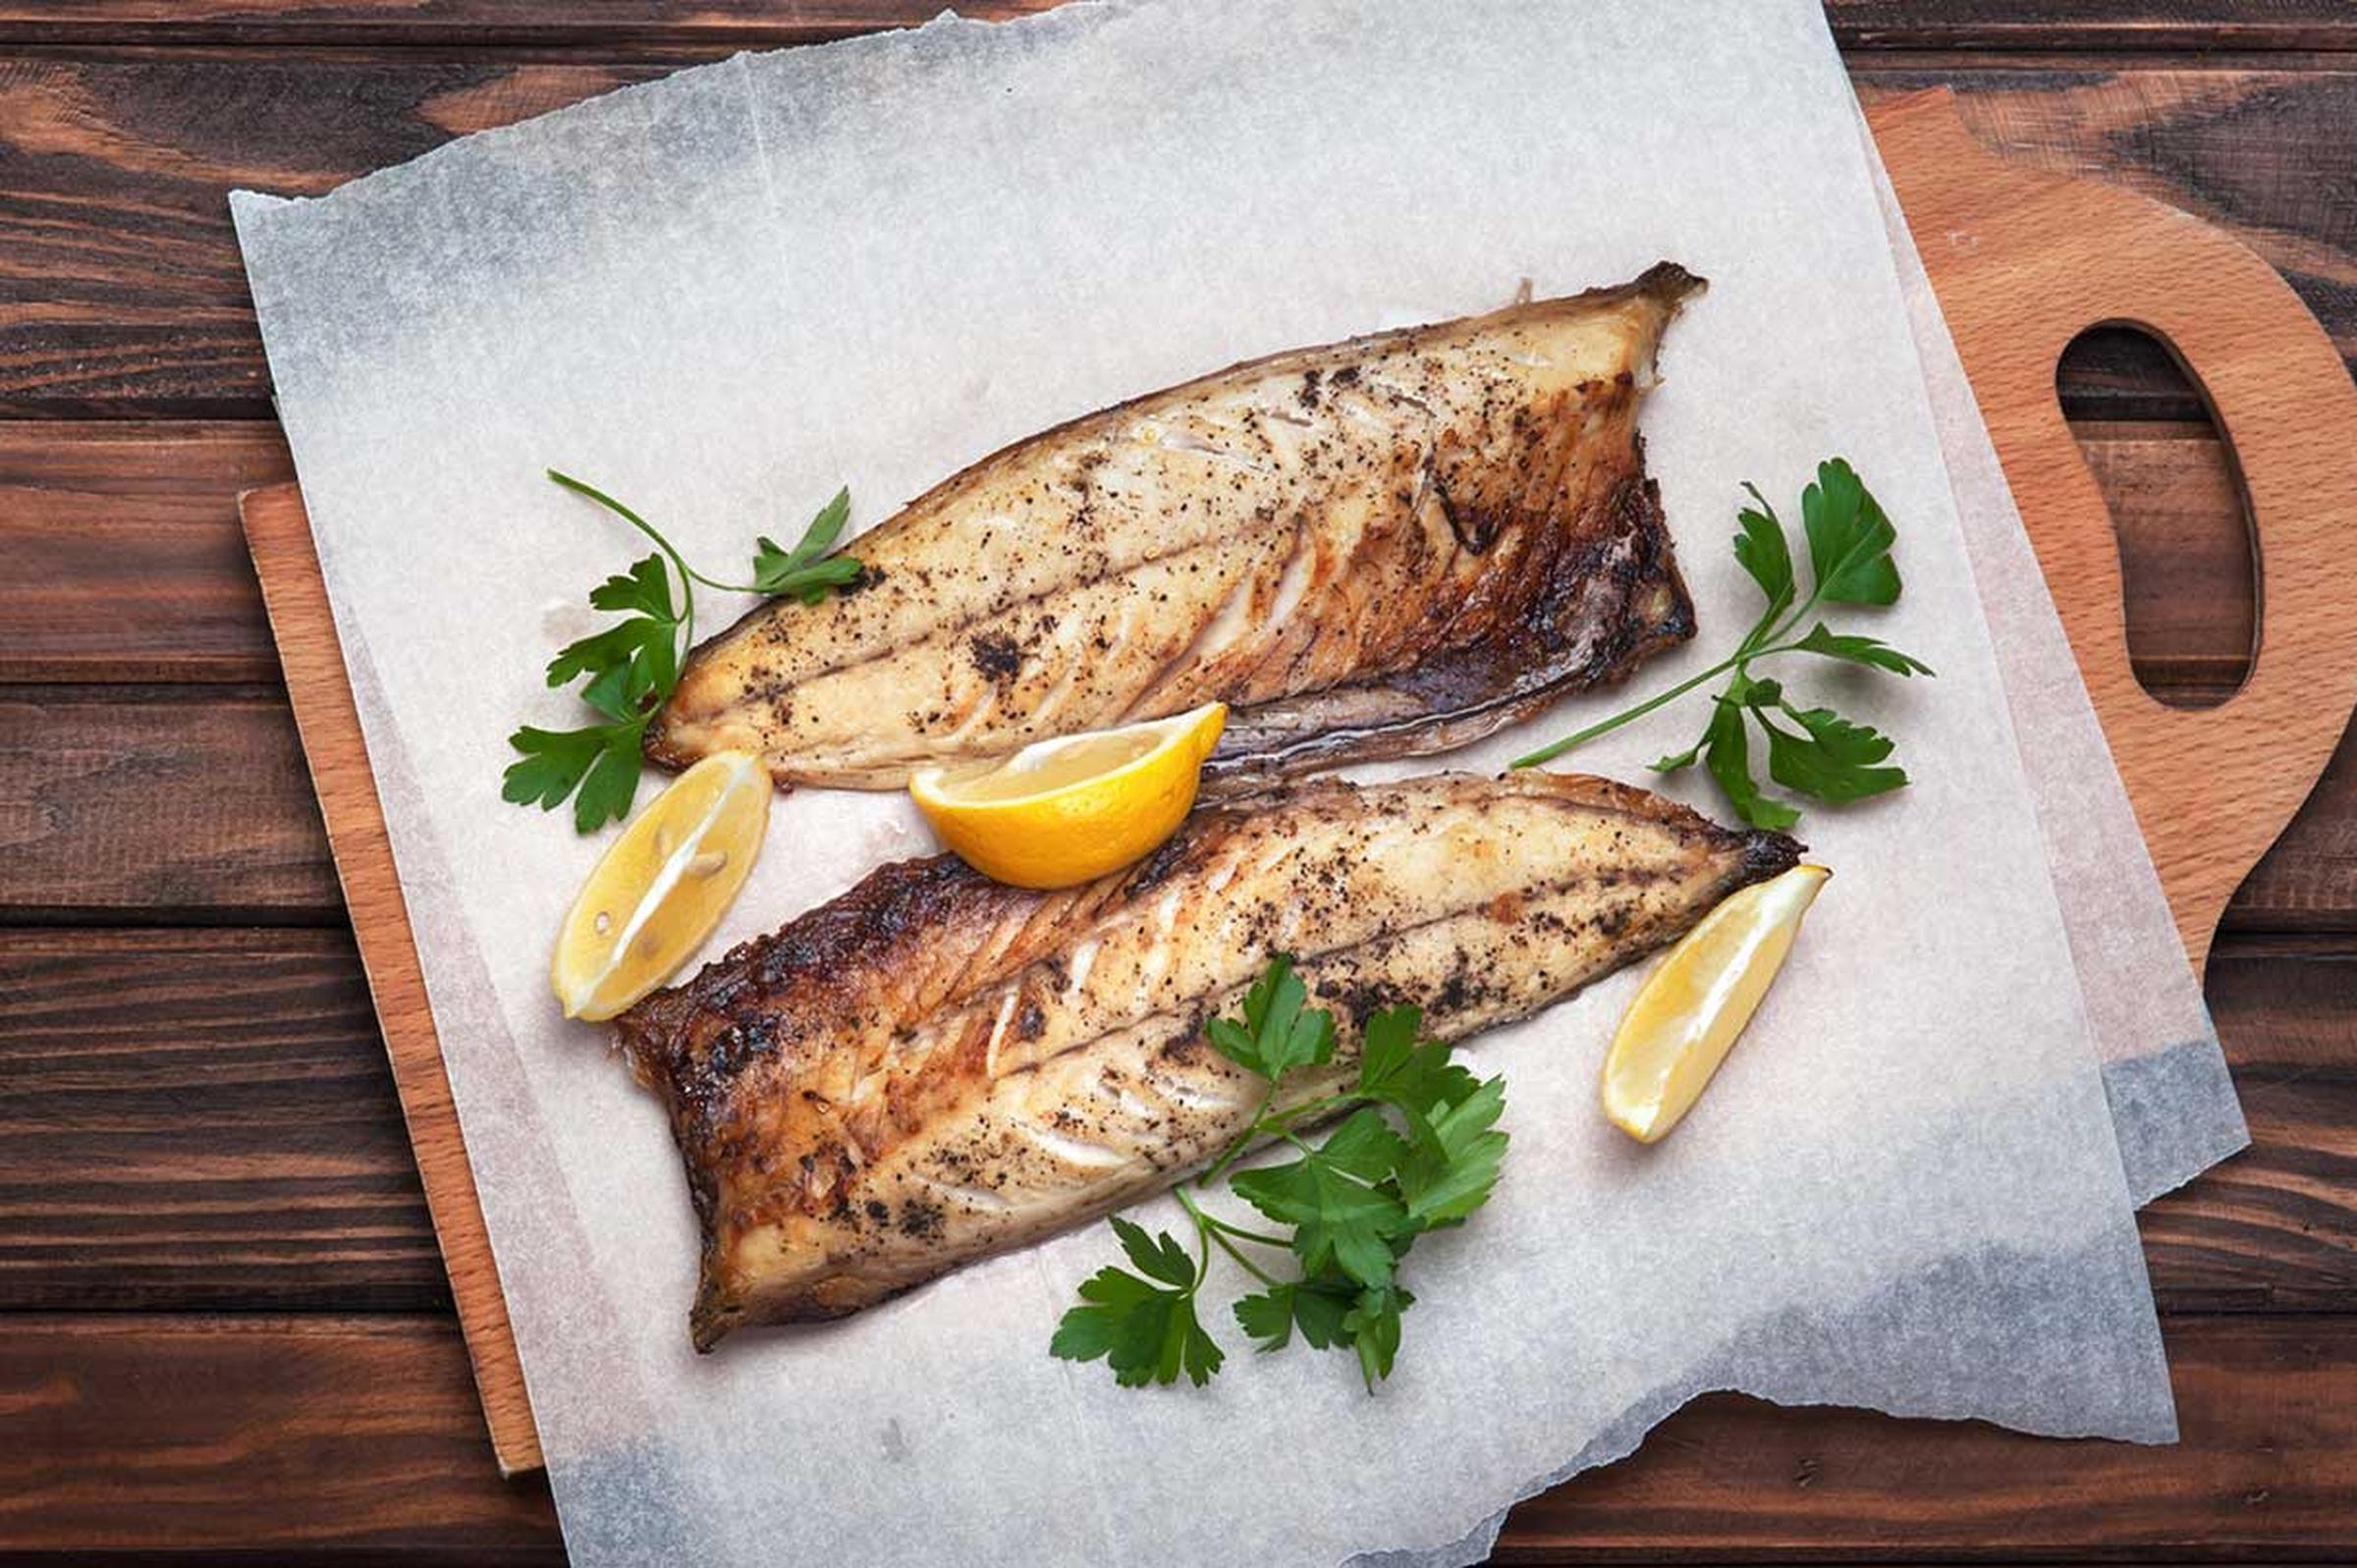 Somrig örtsås till grillad fisk